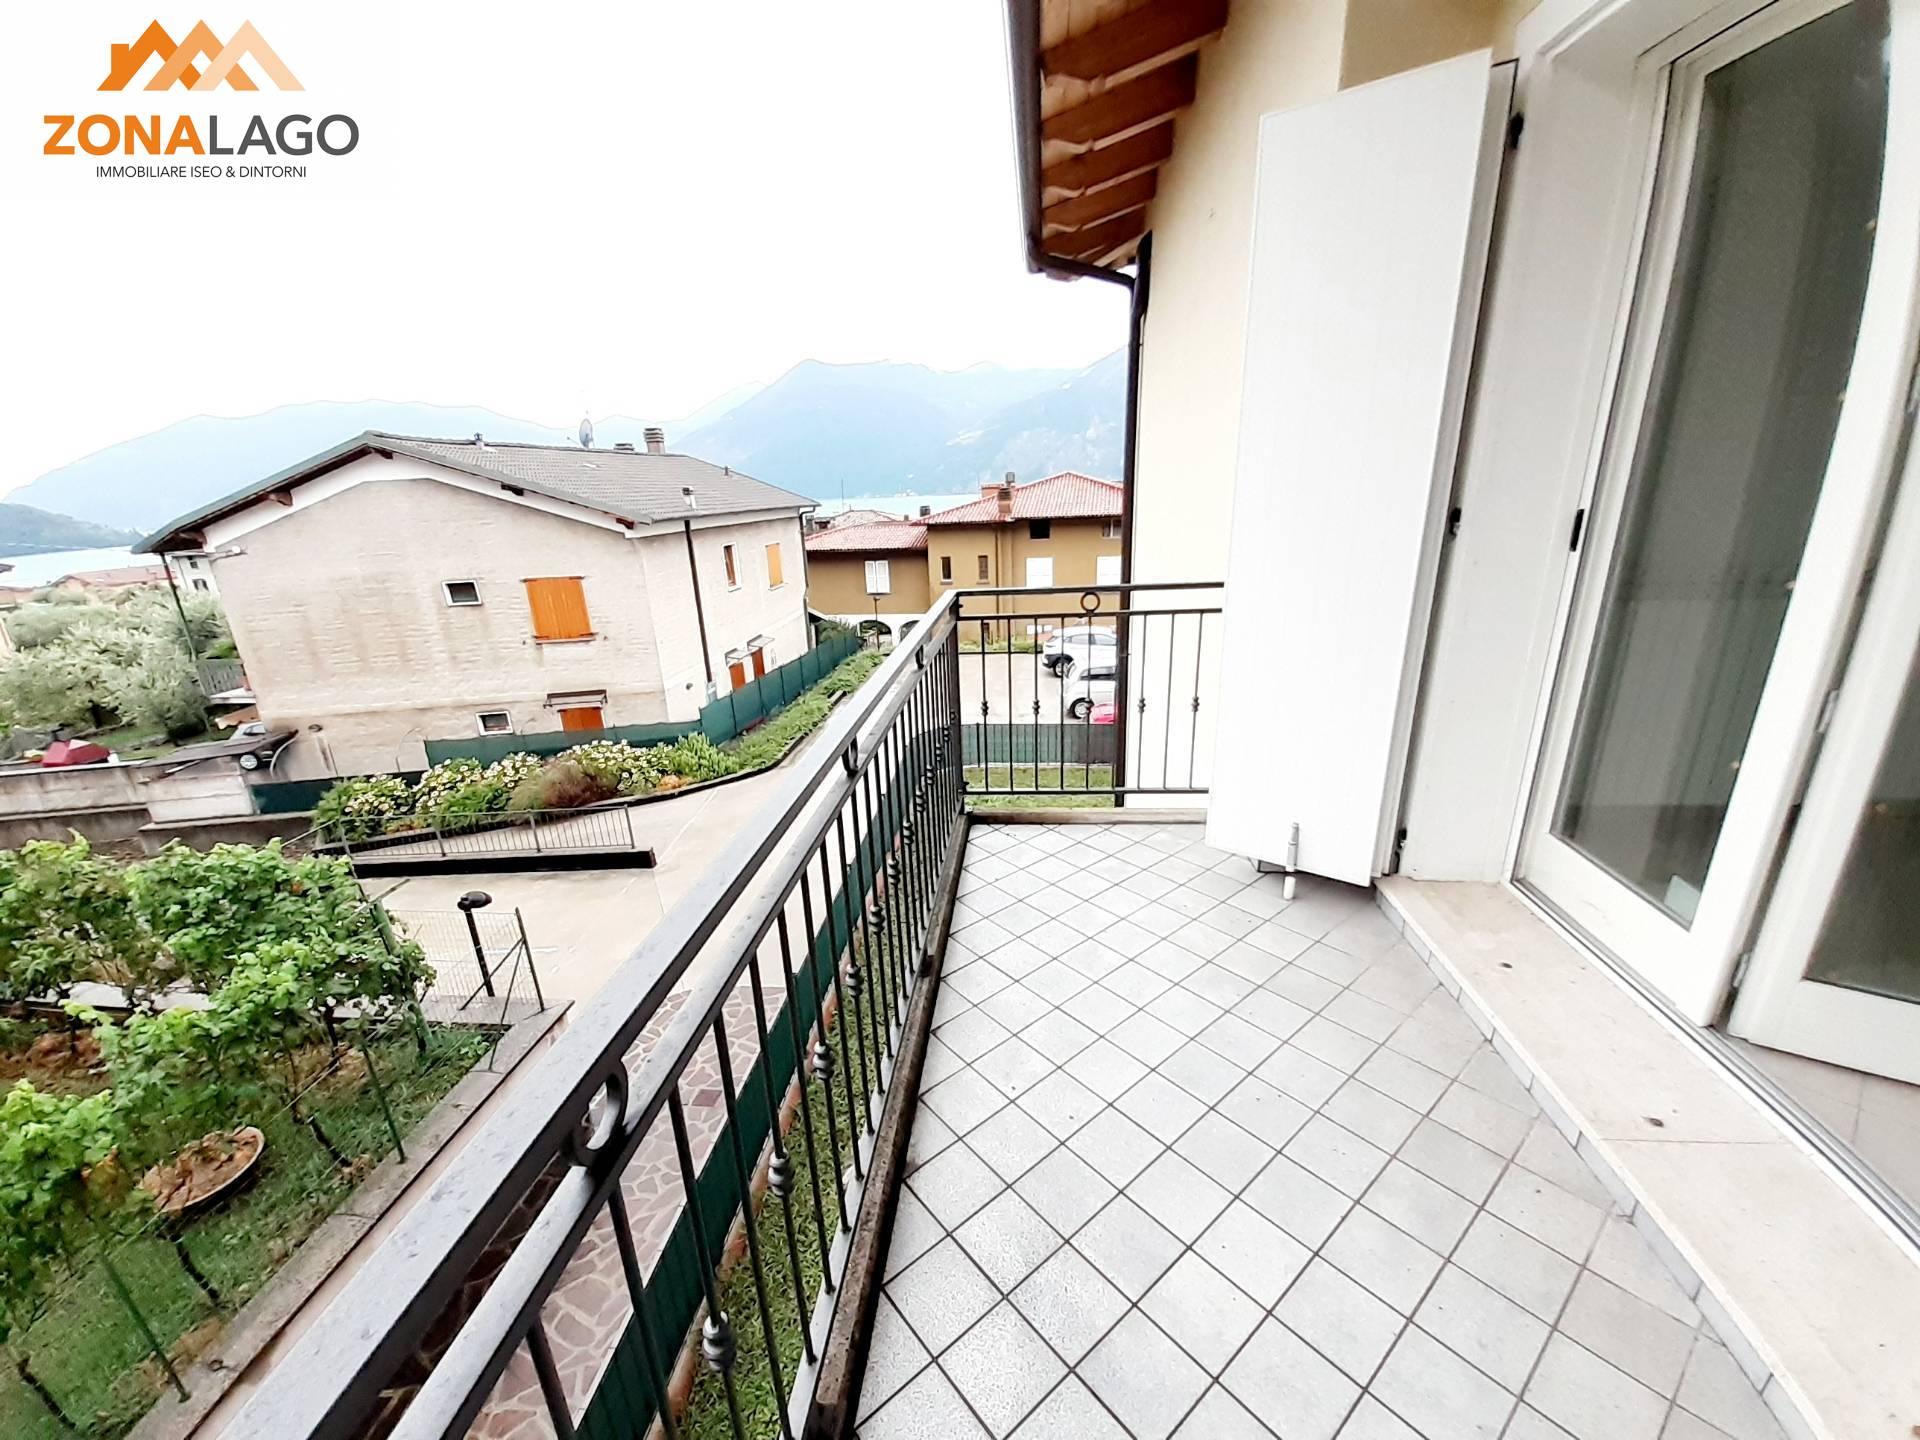 Appartamento in vendita a Marone, 2 locali, zona lo, prezzo € 150.000 | PortaleAgenzieImmobiliari.it